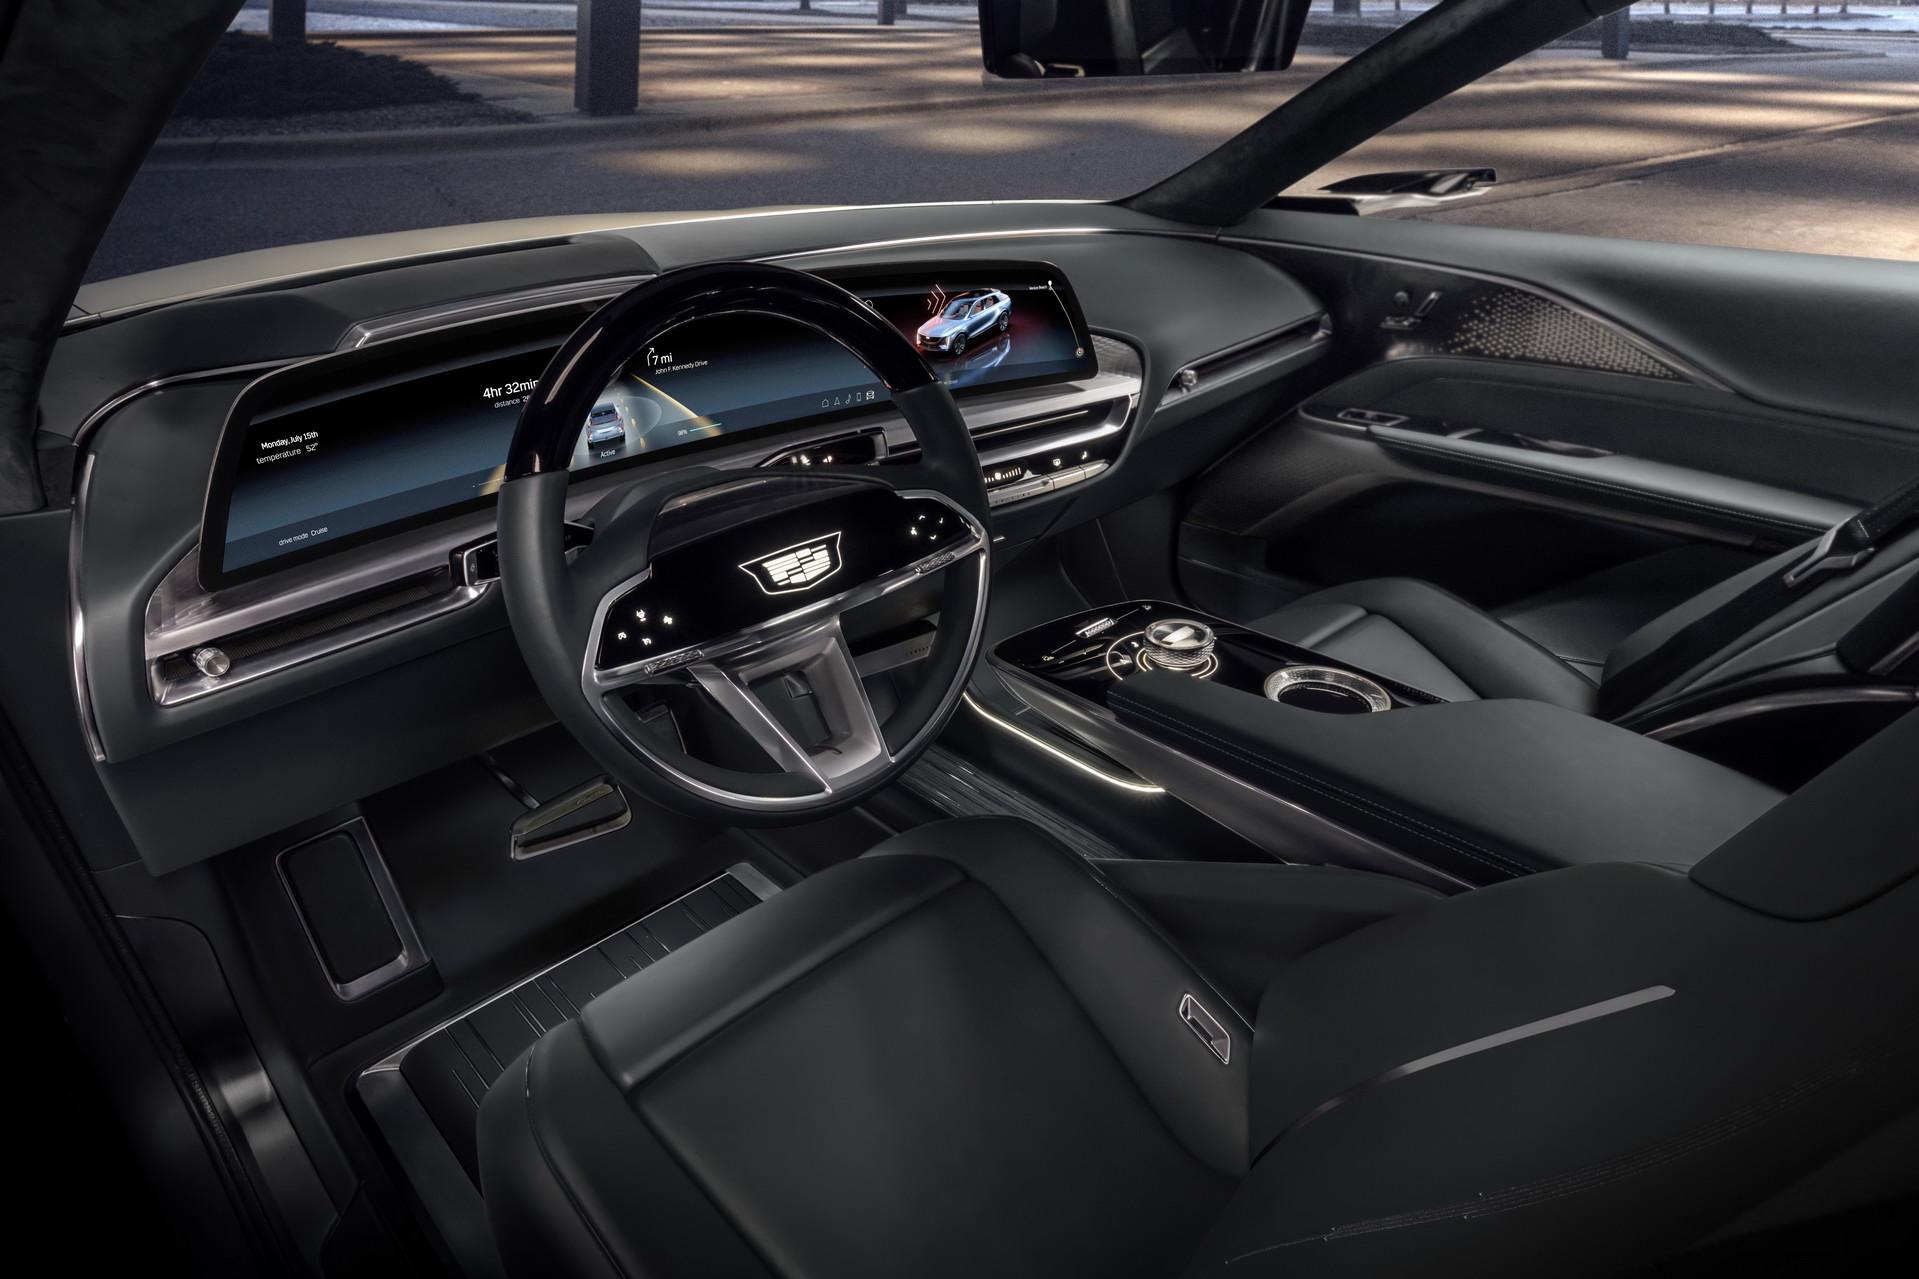 Preview Auto Shanghai 2021 AutoinfoOnline (15)